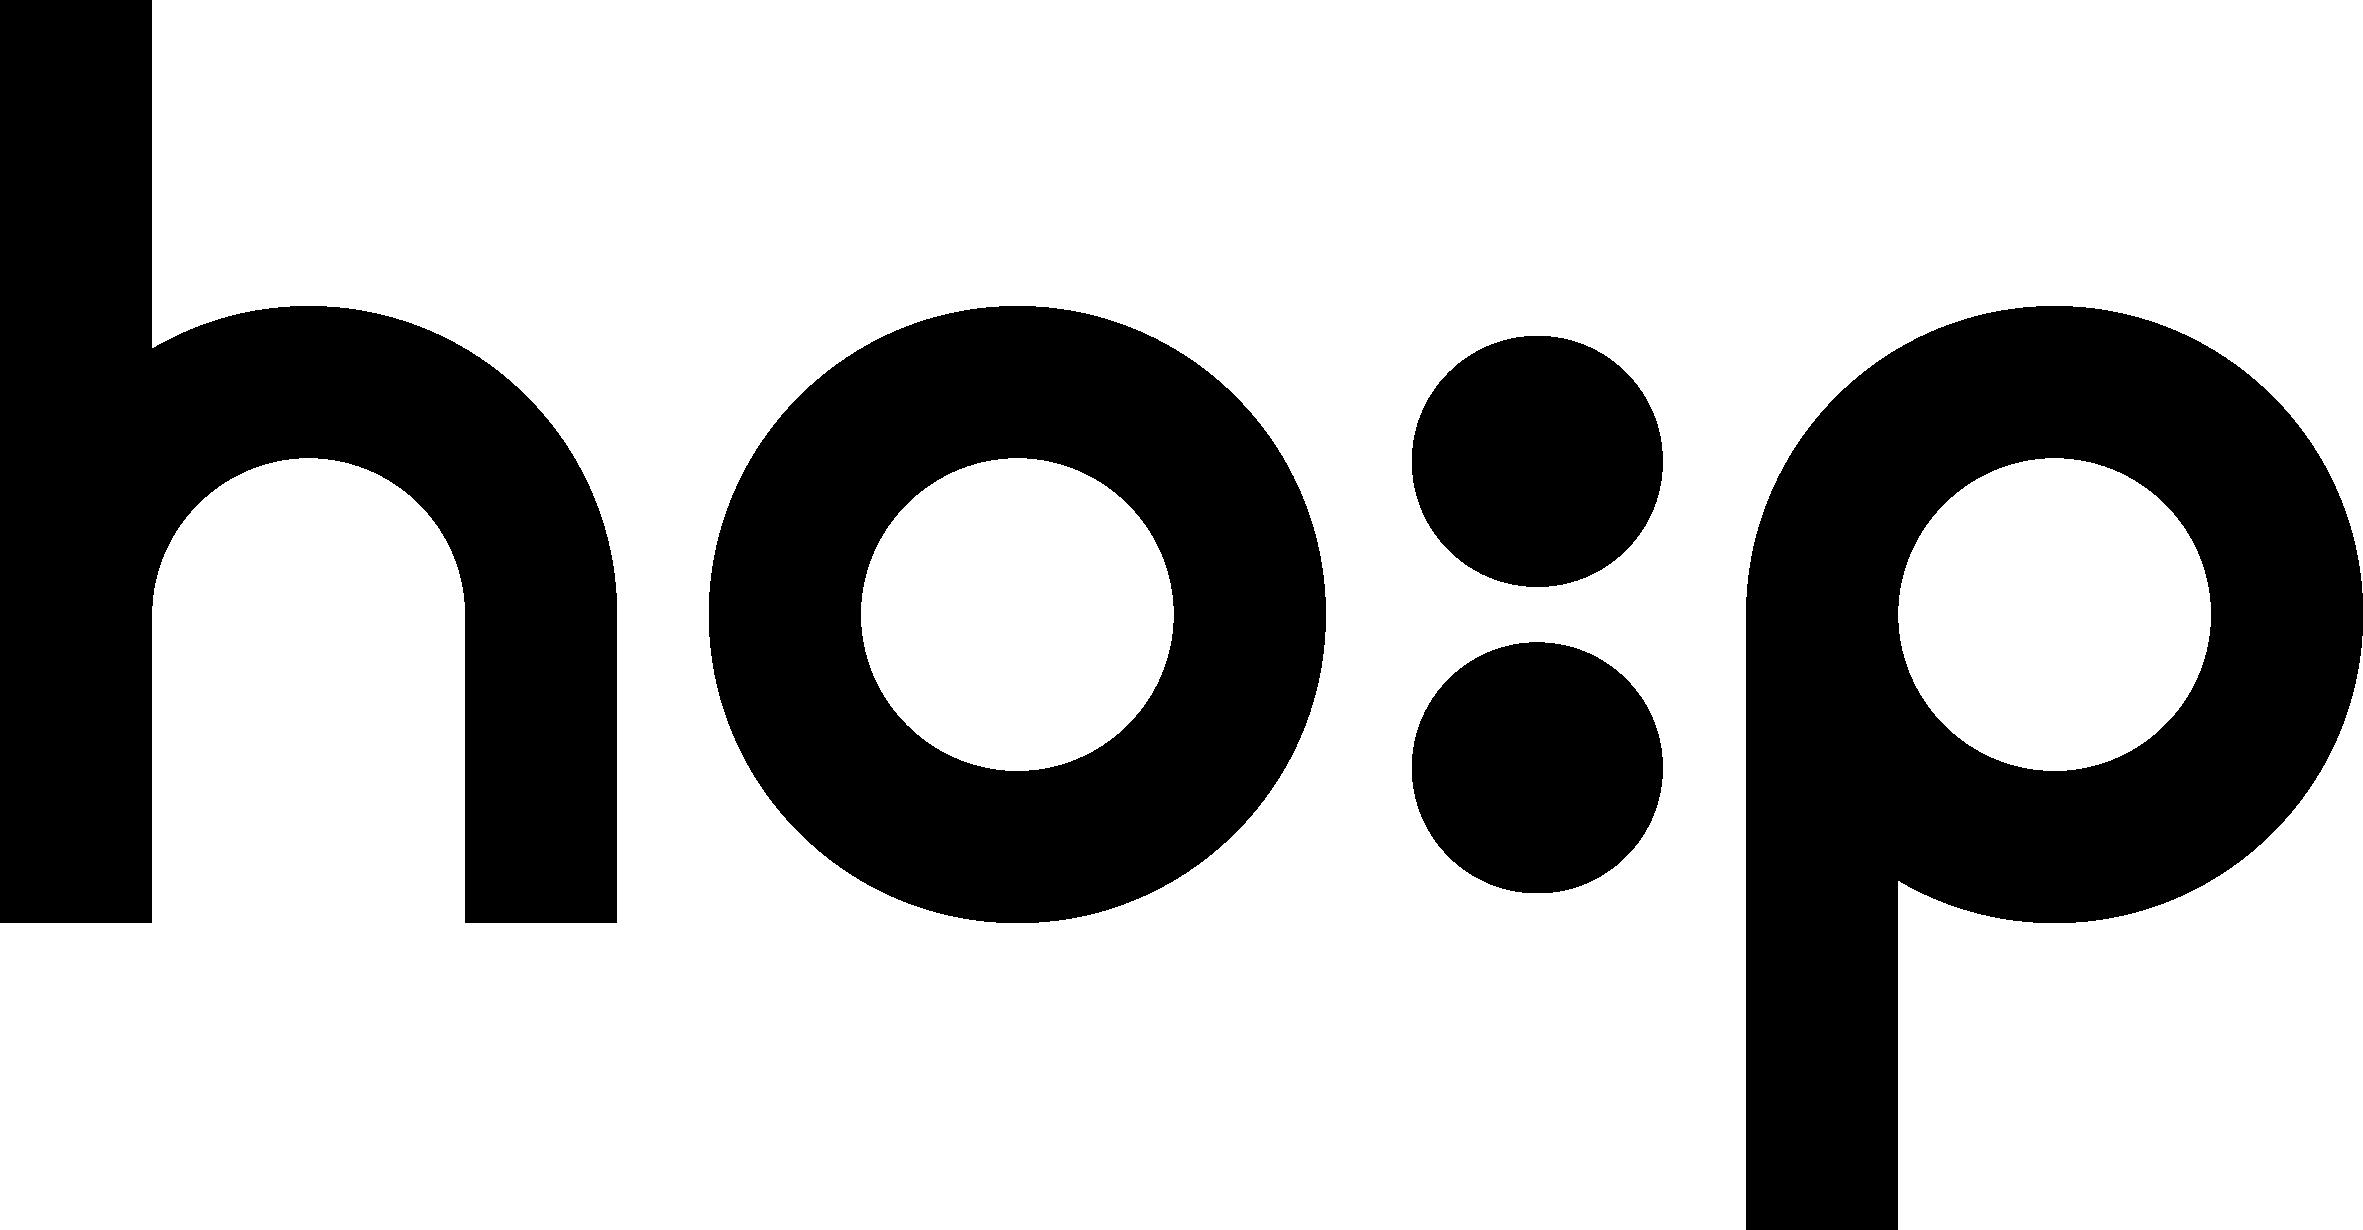 logo freie Christengemeinde bremen